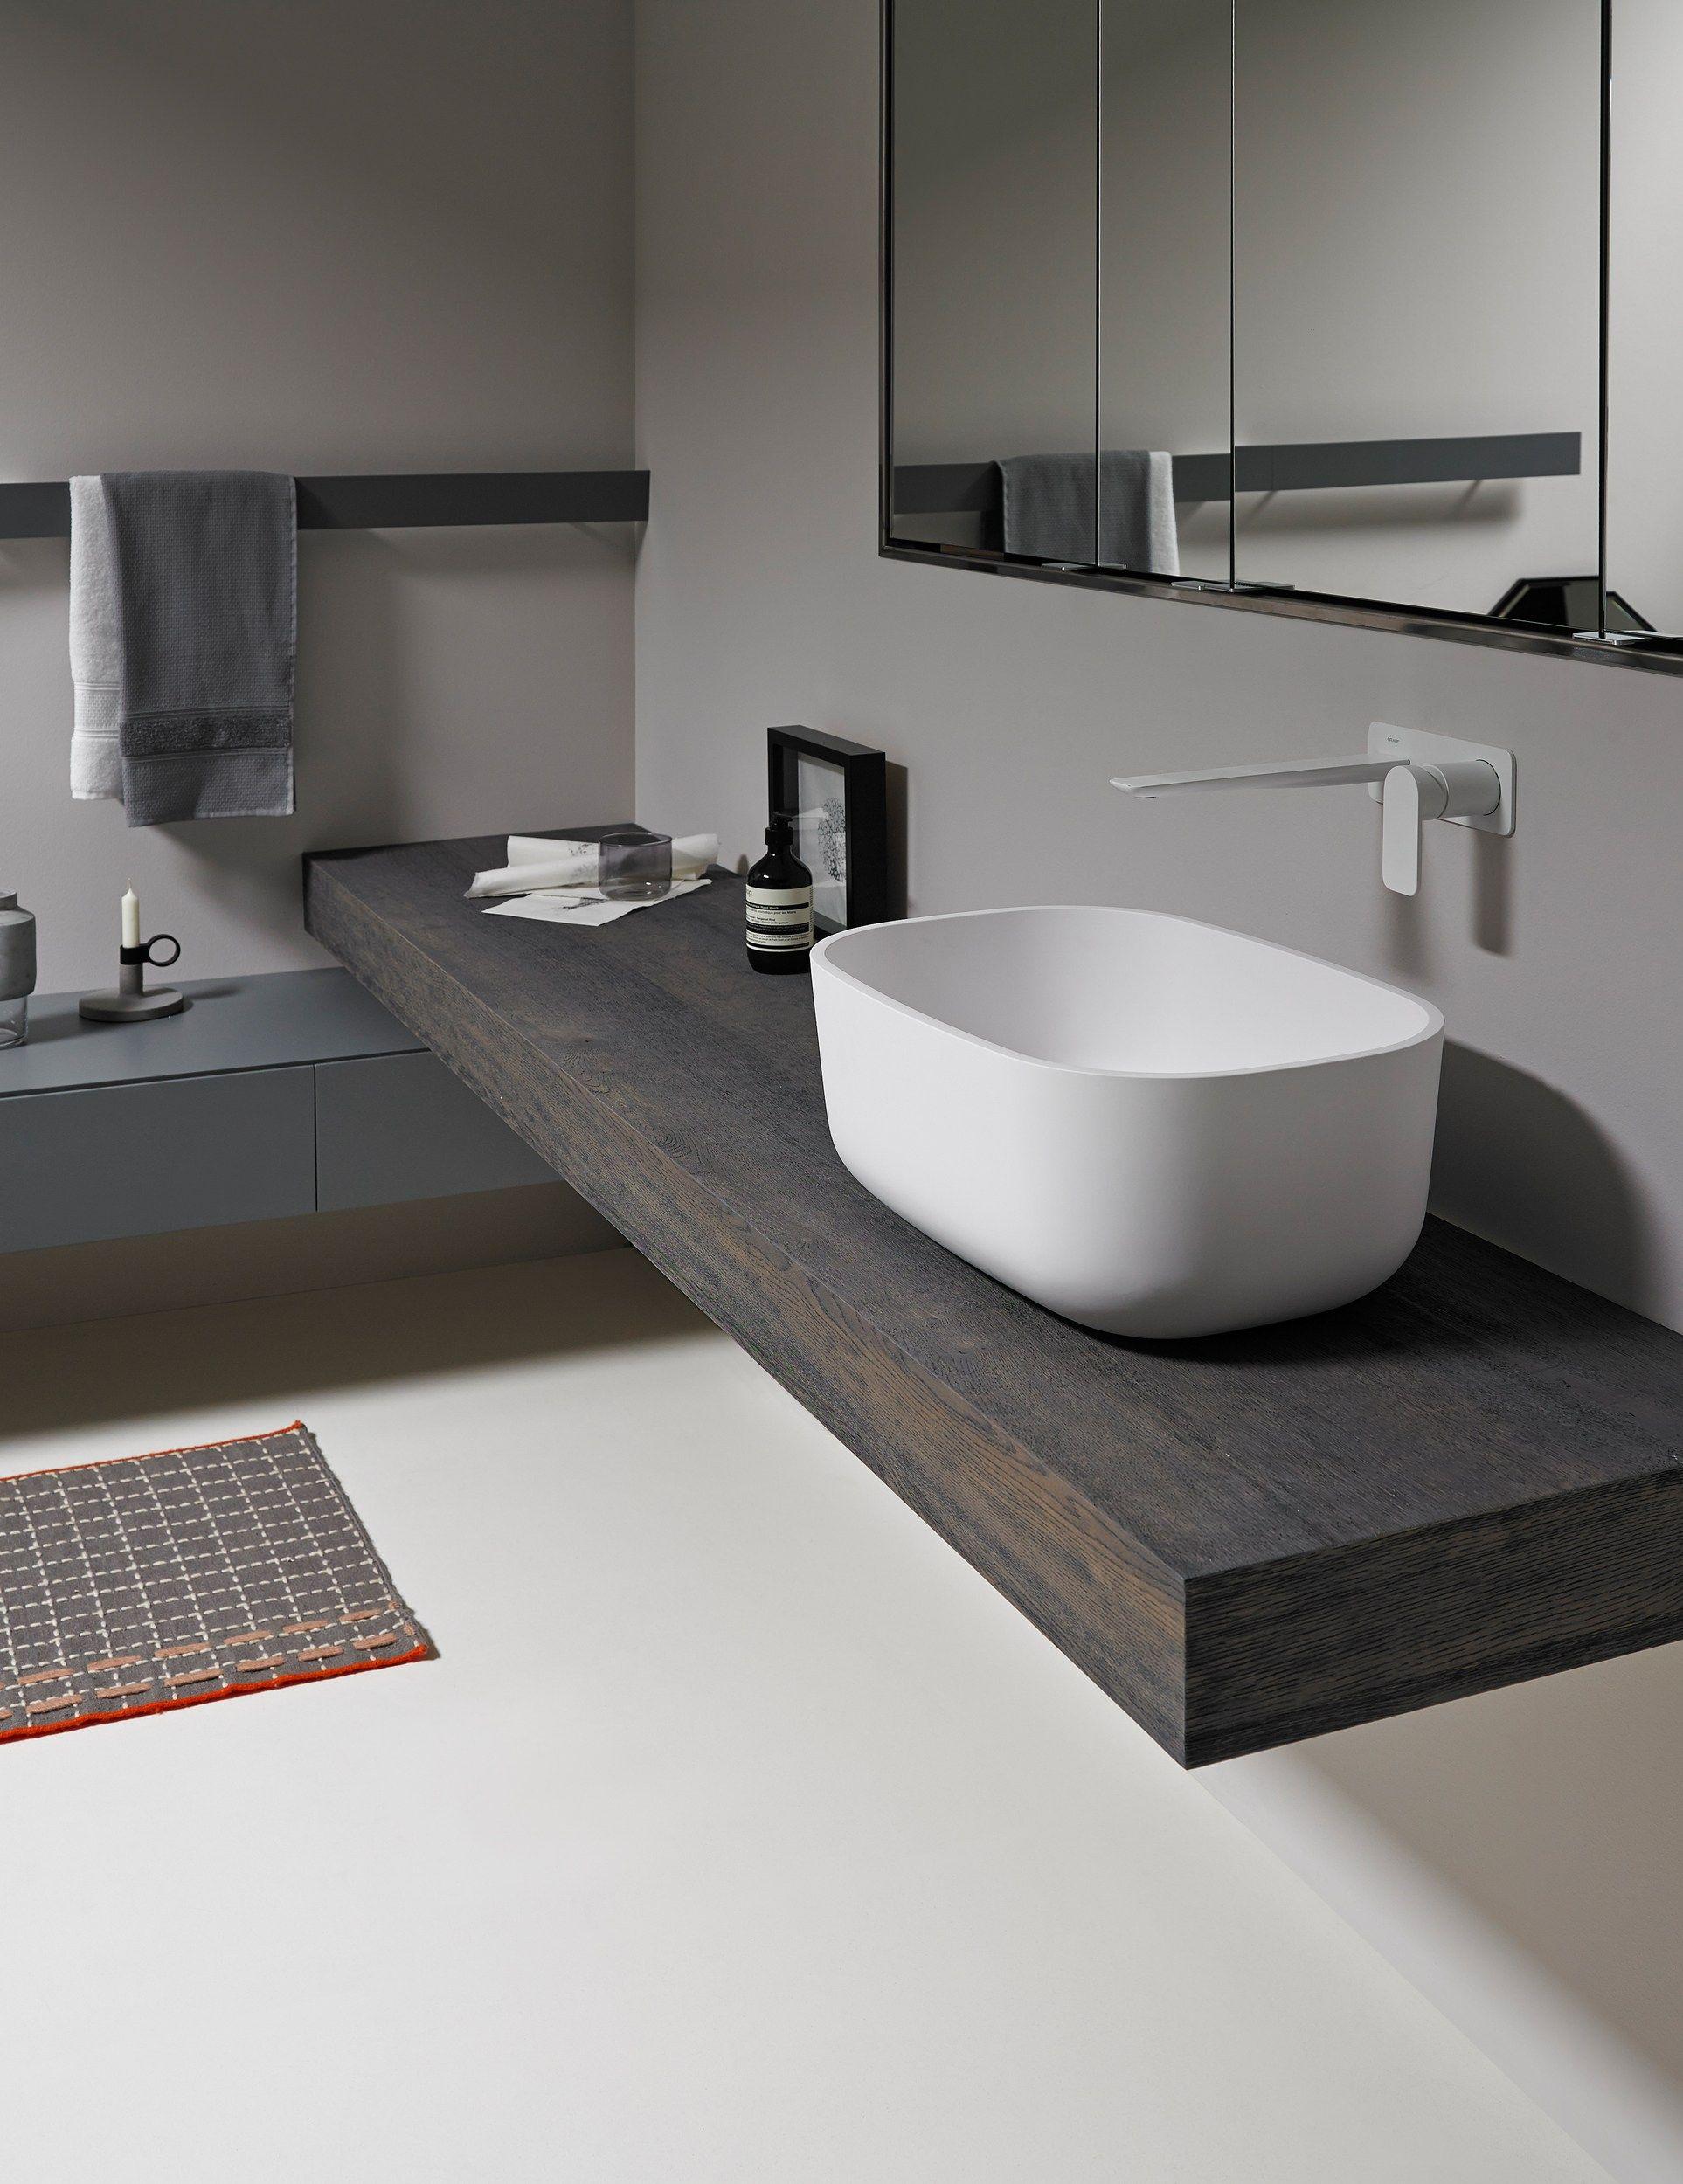 banho móveis e iluminação de banheiro casas de banho completas #756056 1926 2500